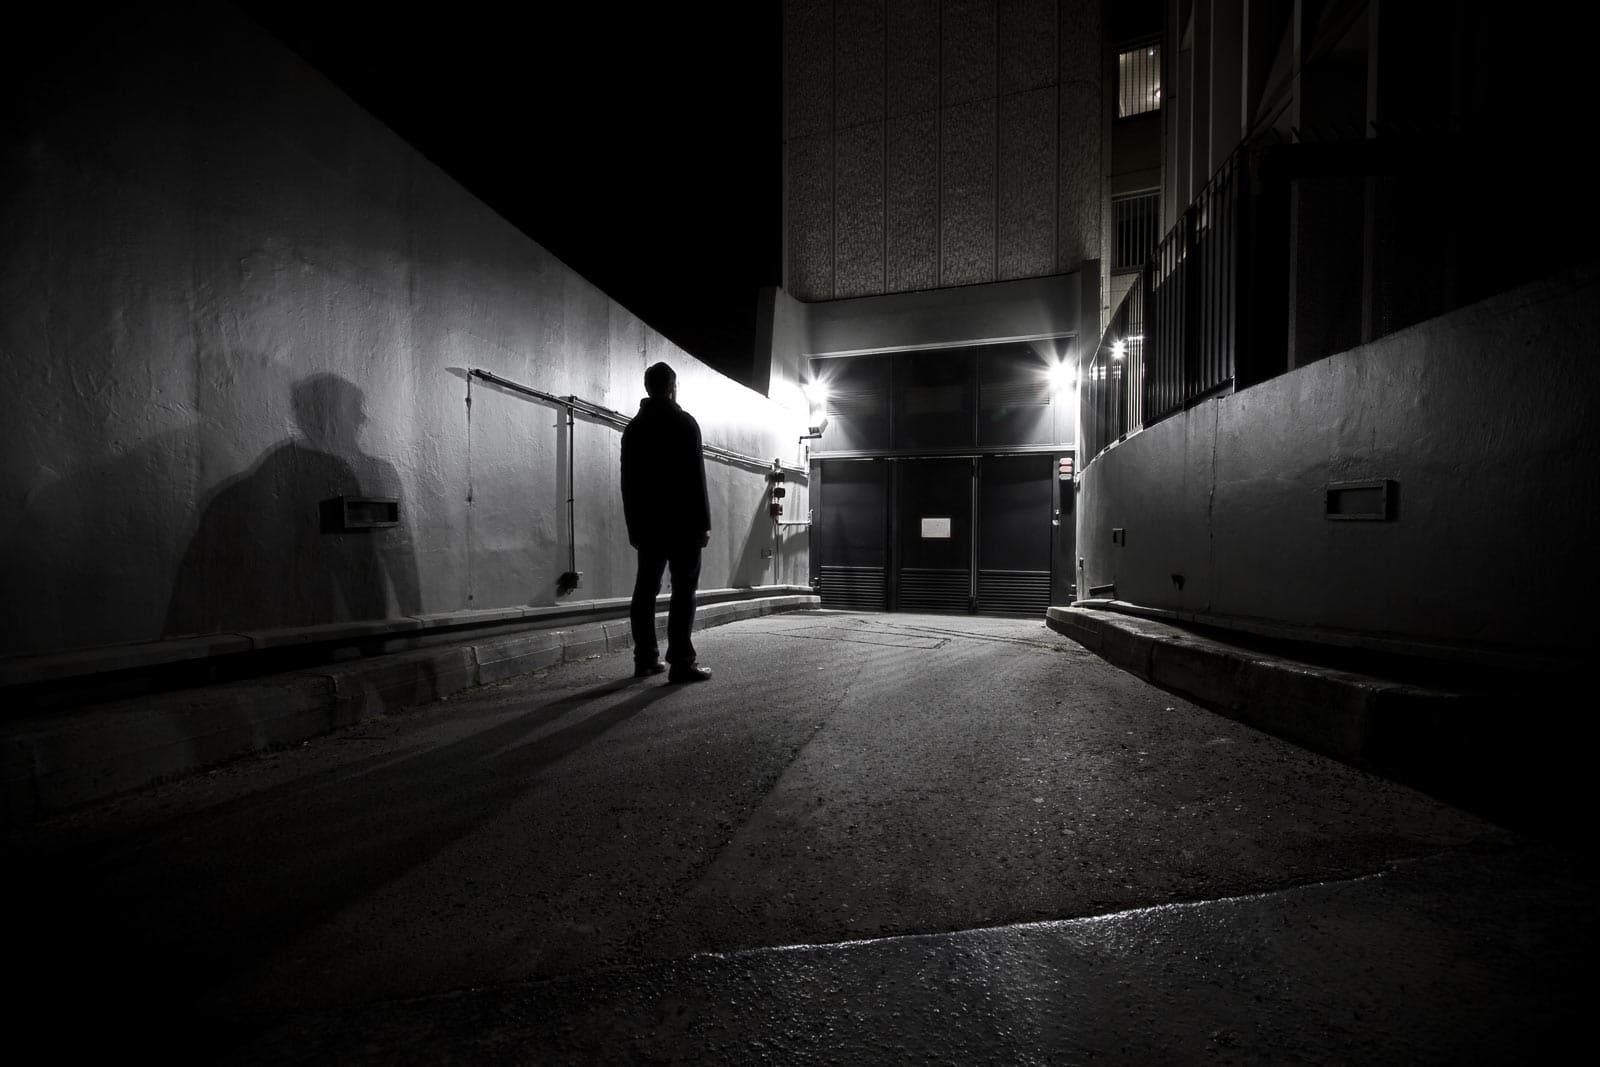 The Dark passenger - Urban night photography